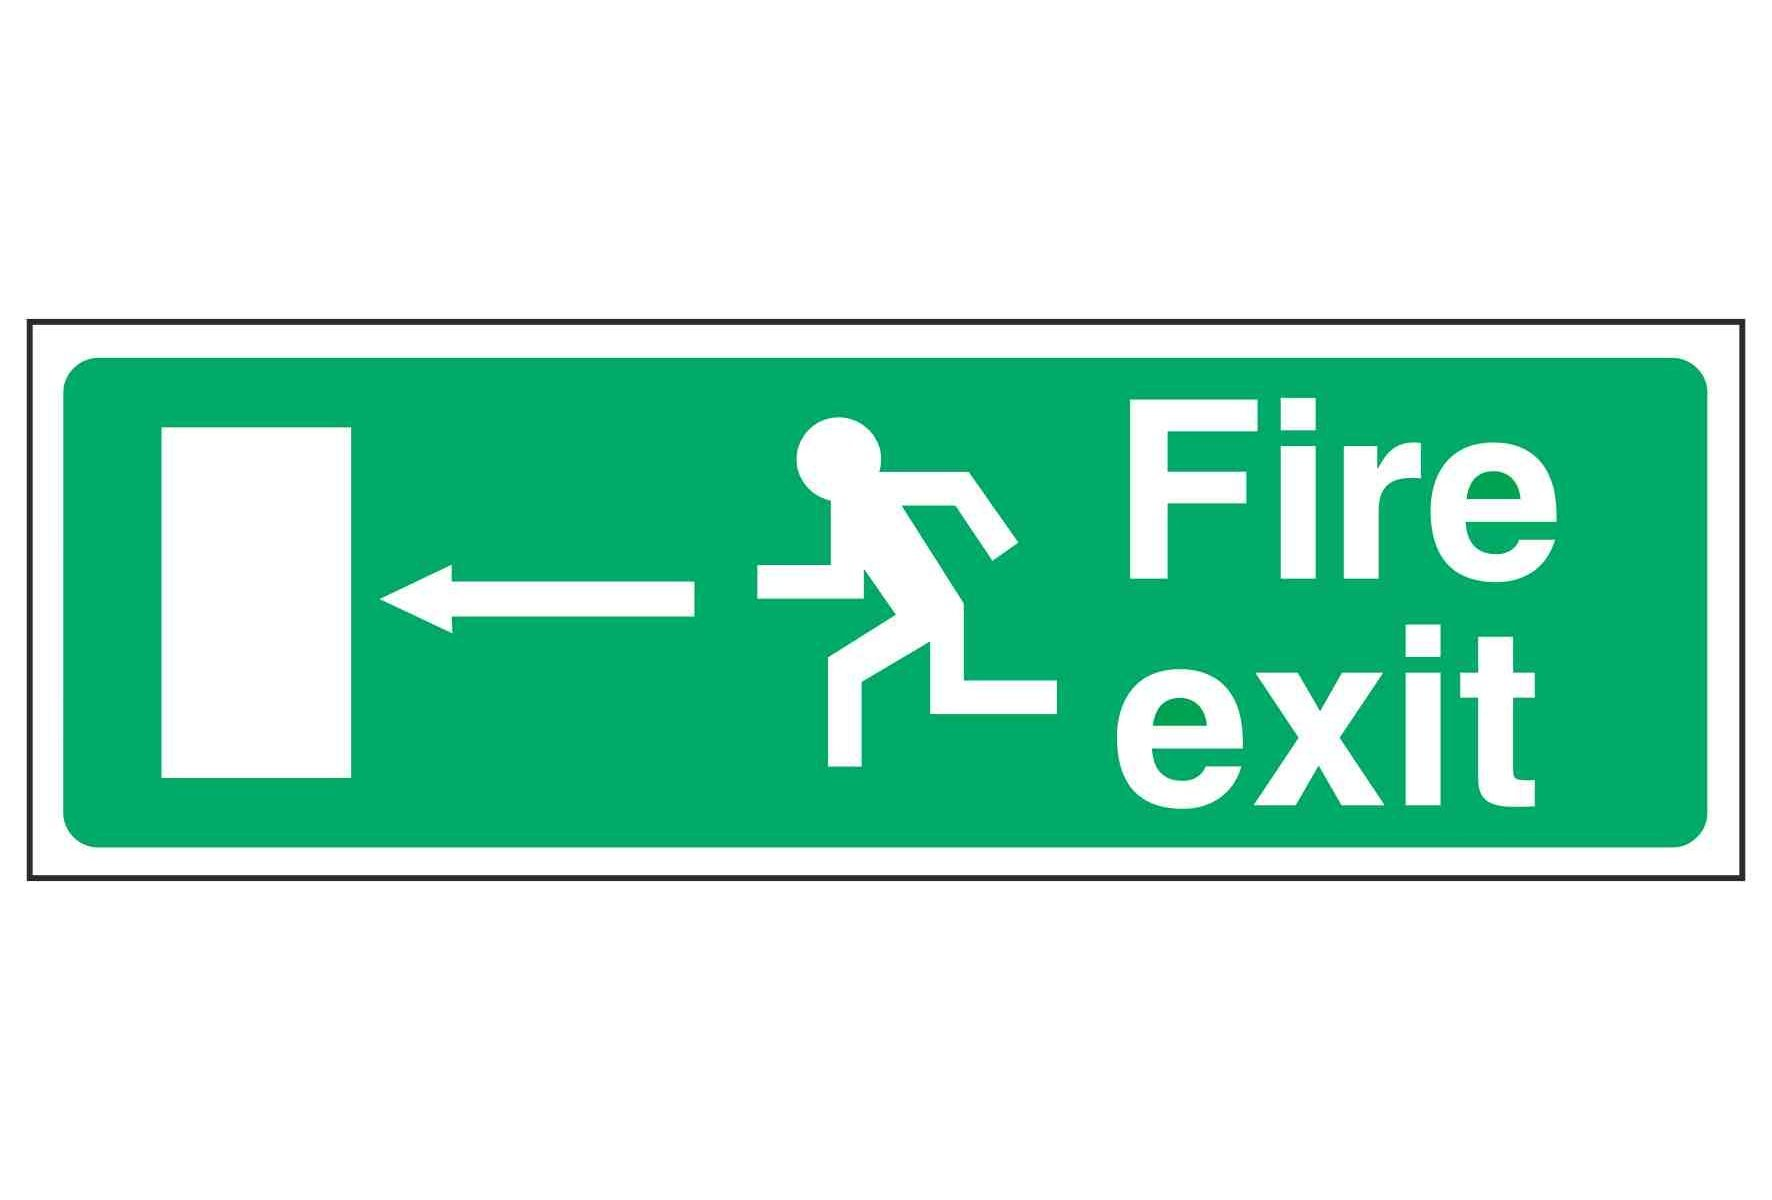 Fire exit / Running Man Left / Arrow Left - EEC 92/58